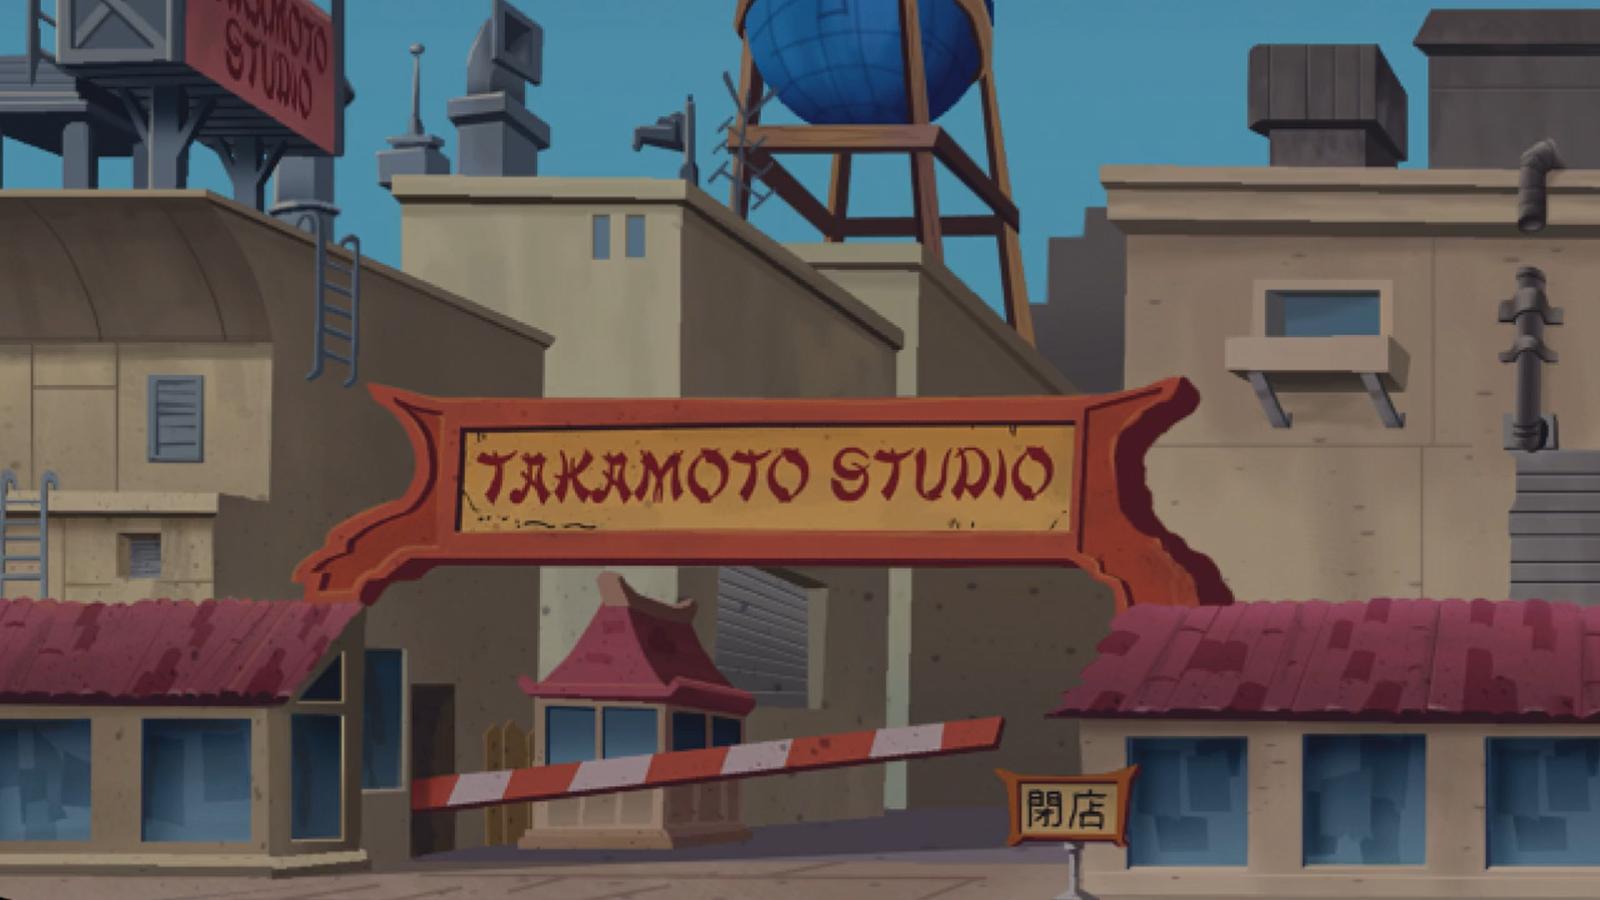 File:Takamoto Studio.png